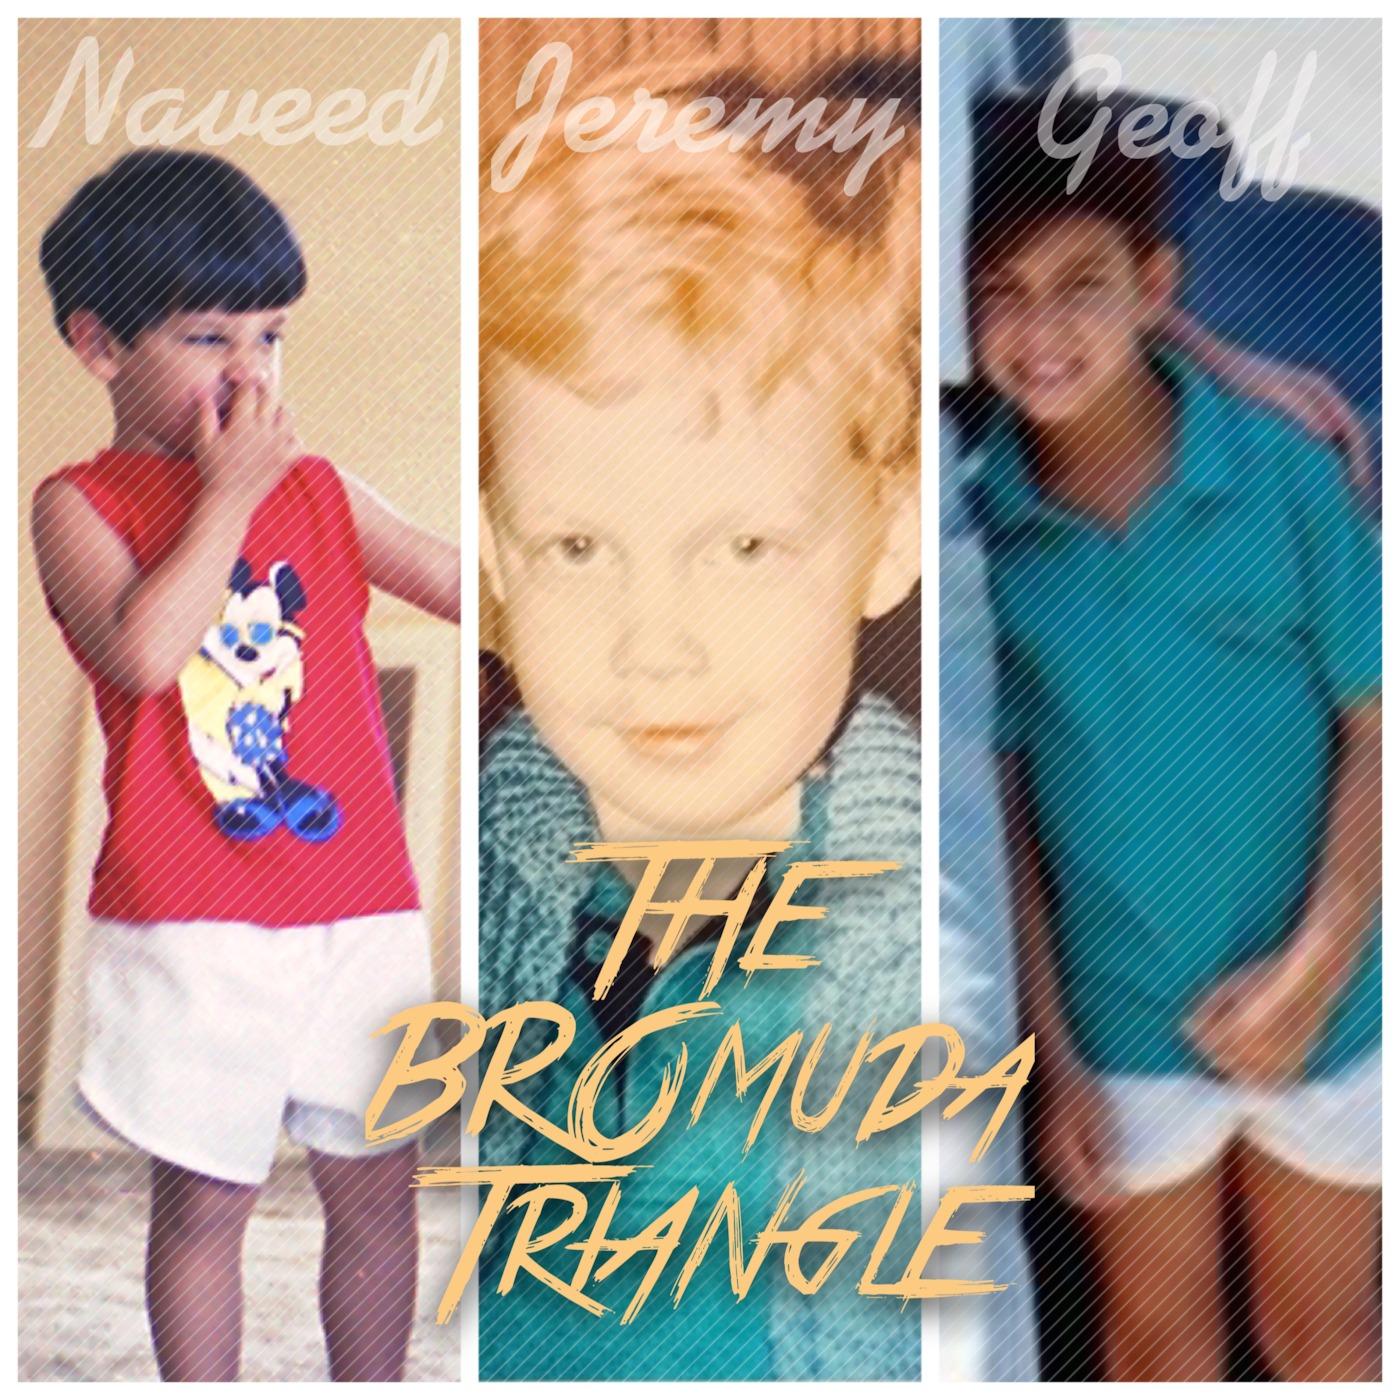 BROmuda Triangle